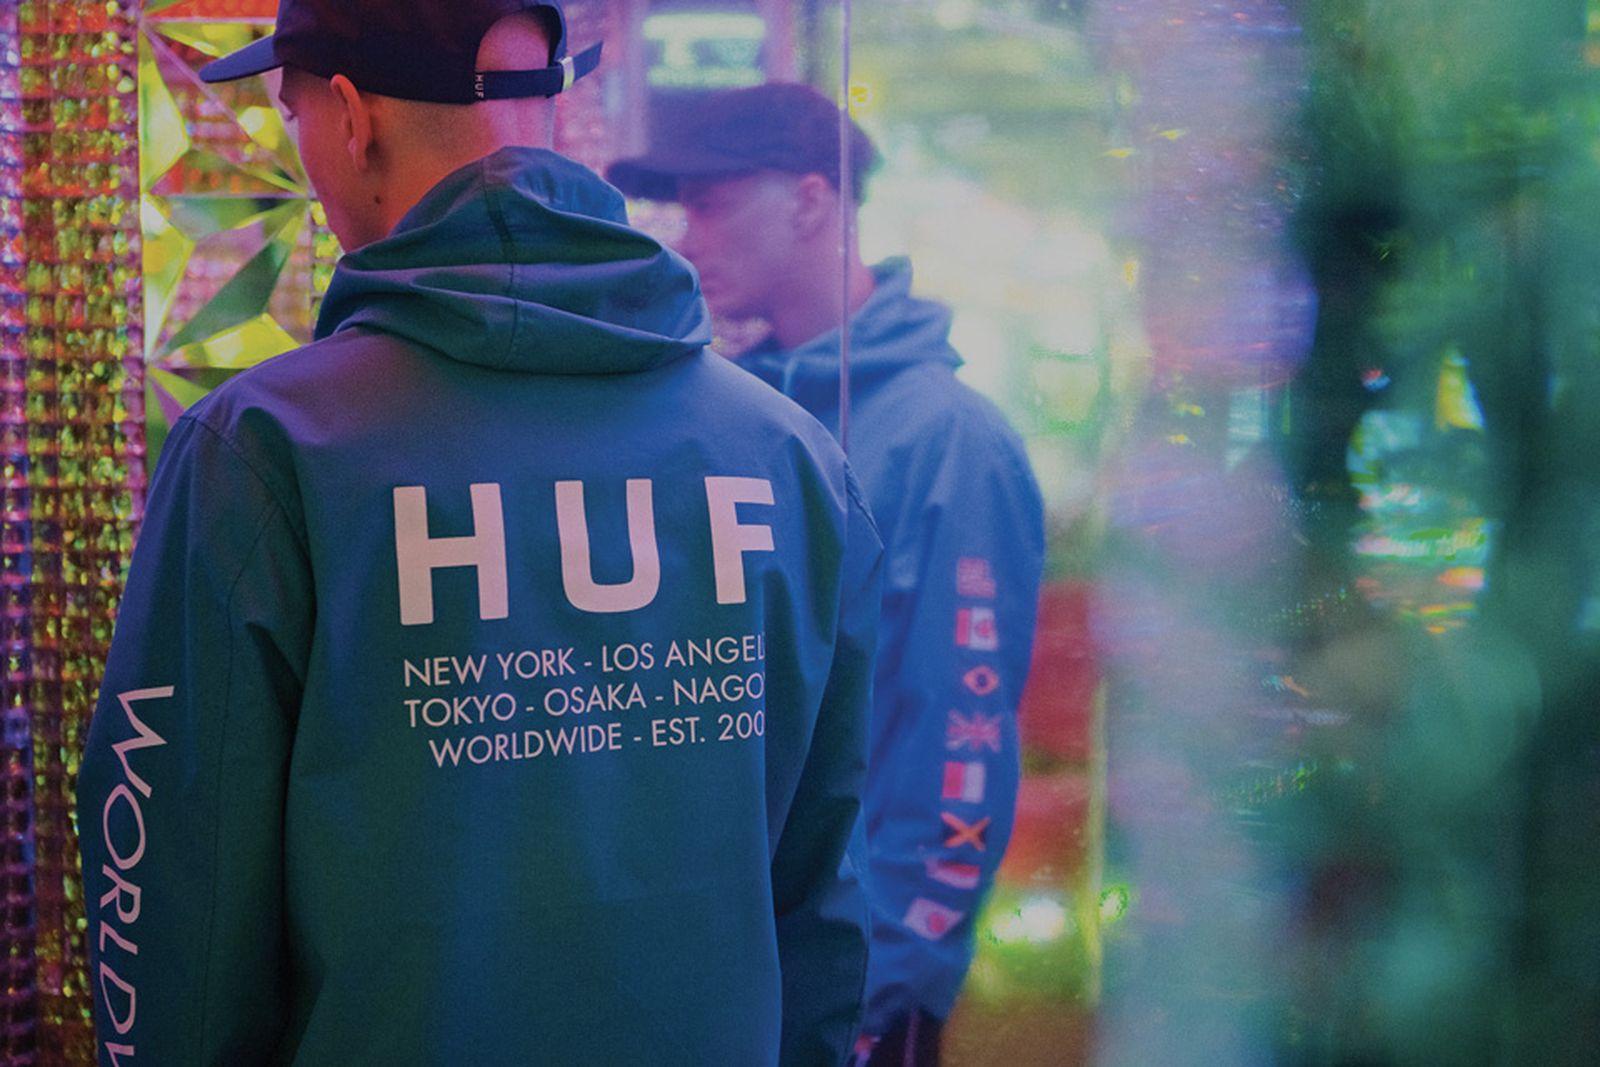 huf fall 2018